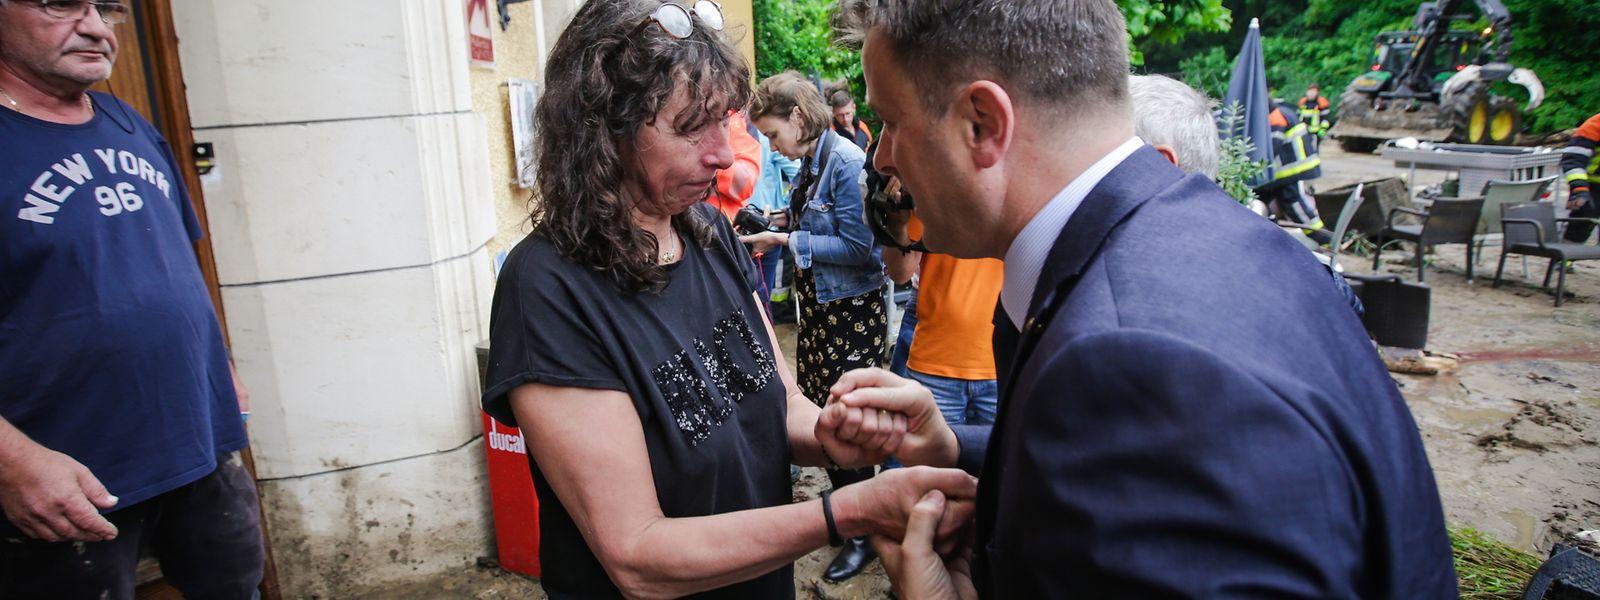 Le Premier ministre à la rencontre des sinistrés ce matin à Mullerthal